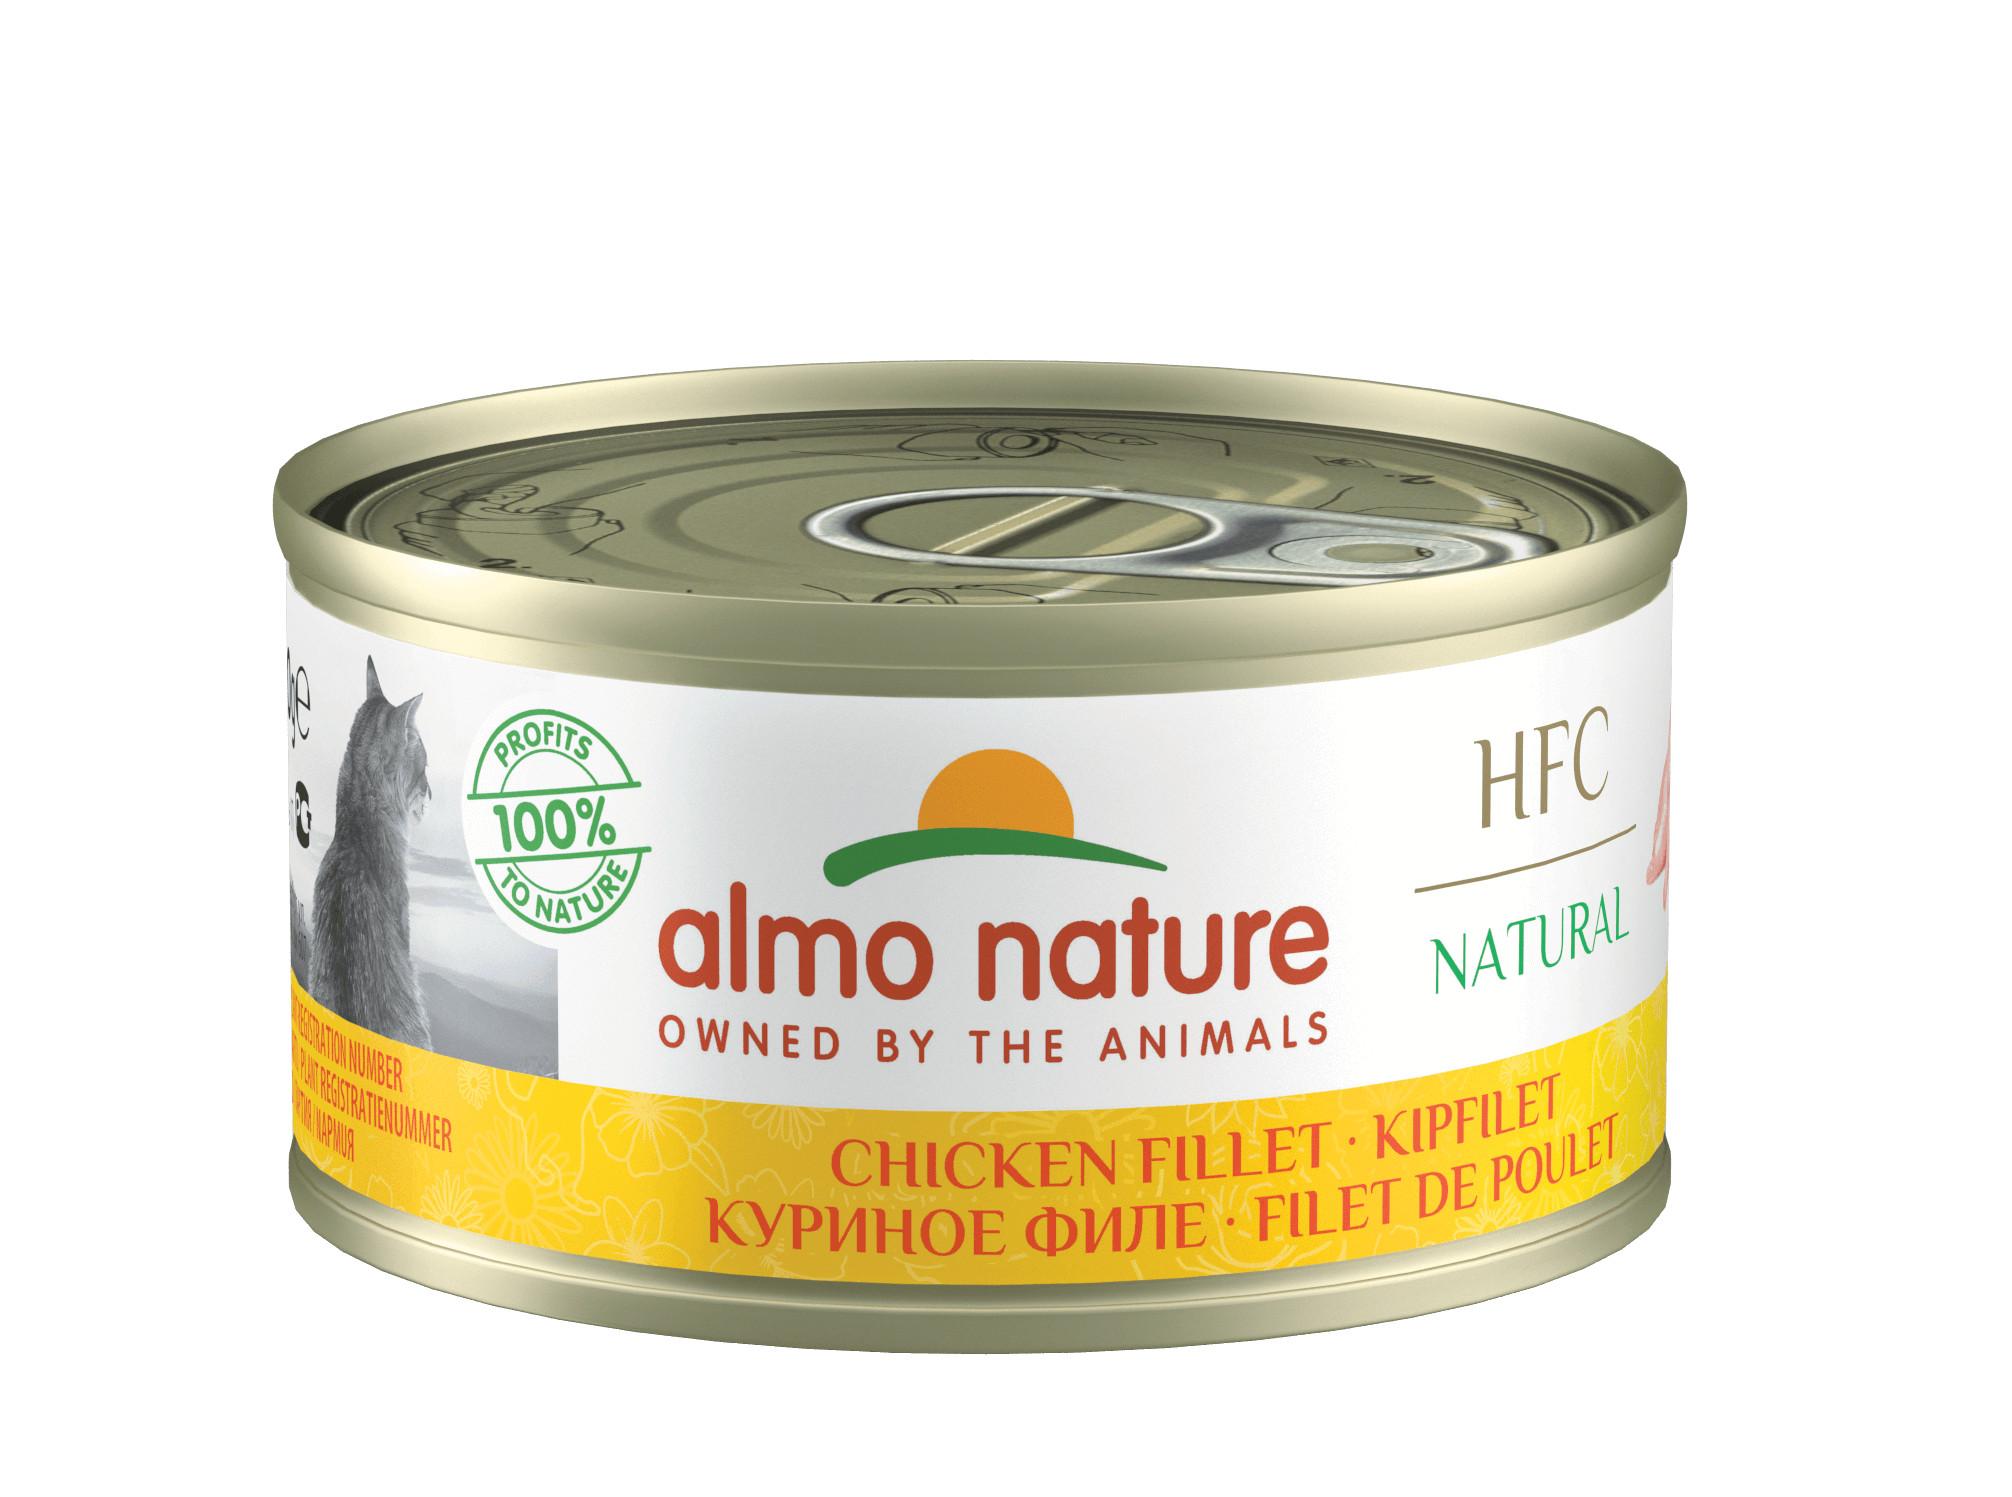 Almo Nature Natural Kipfilet 70 gr